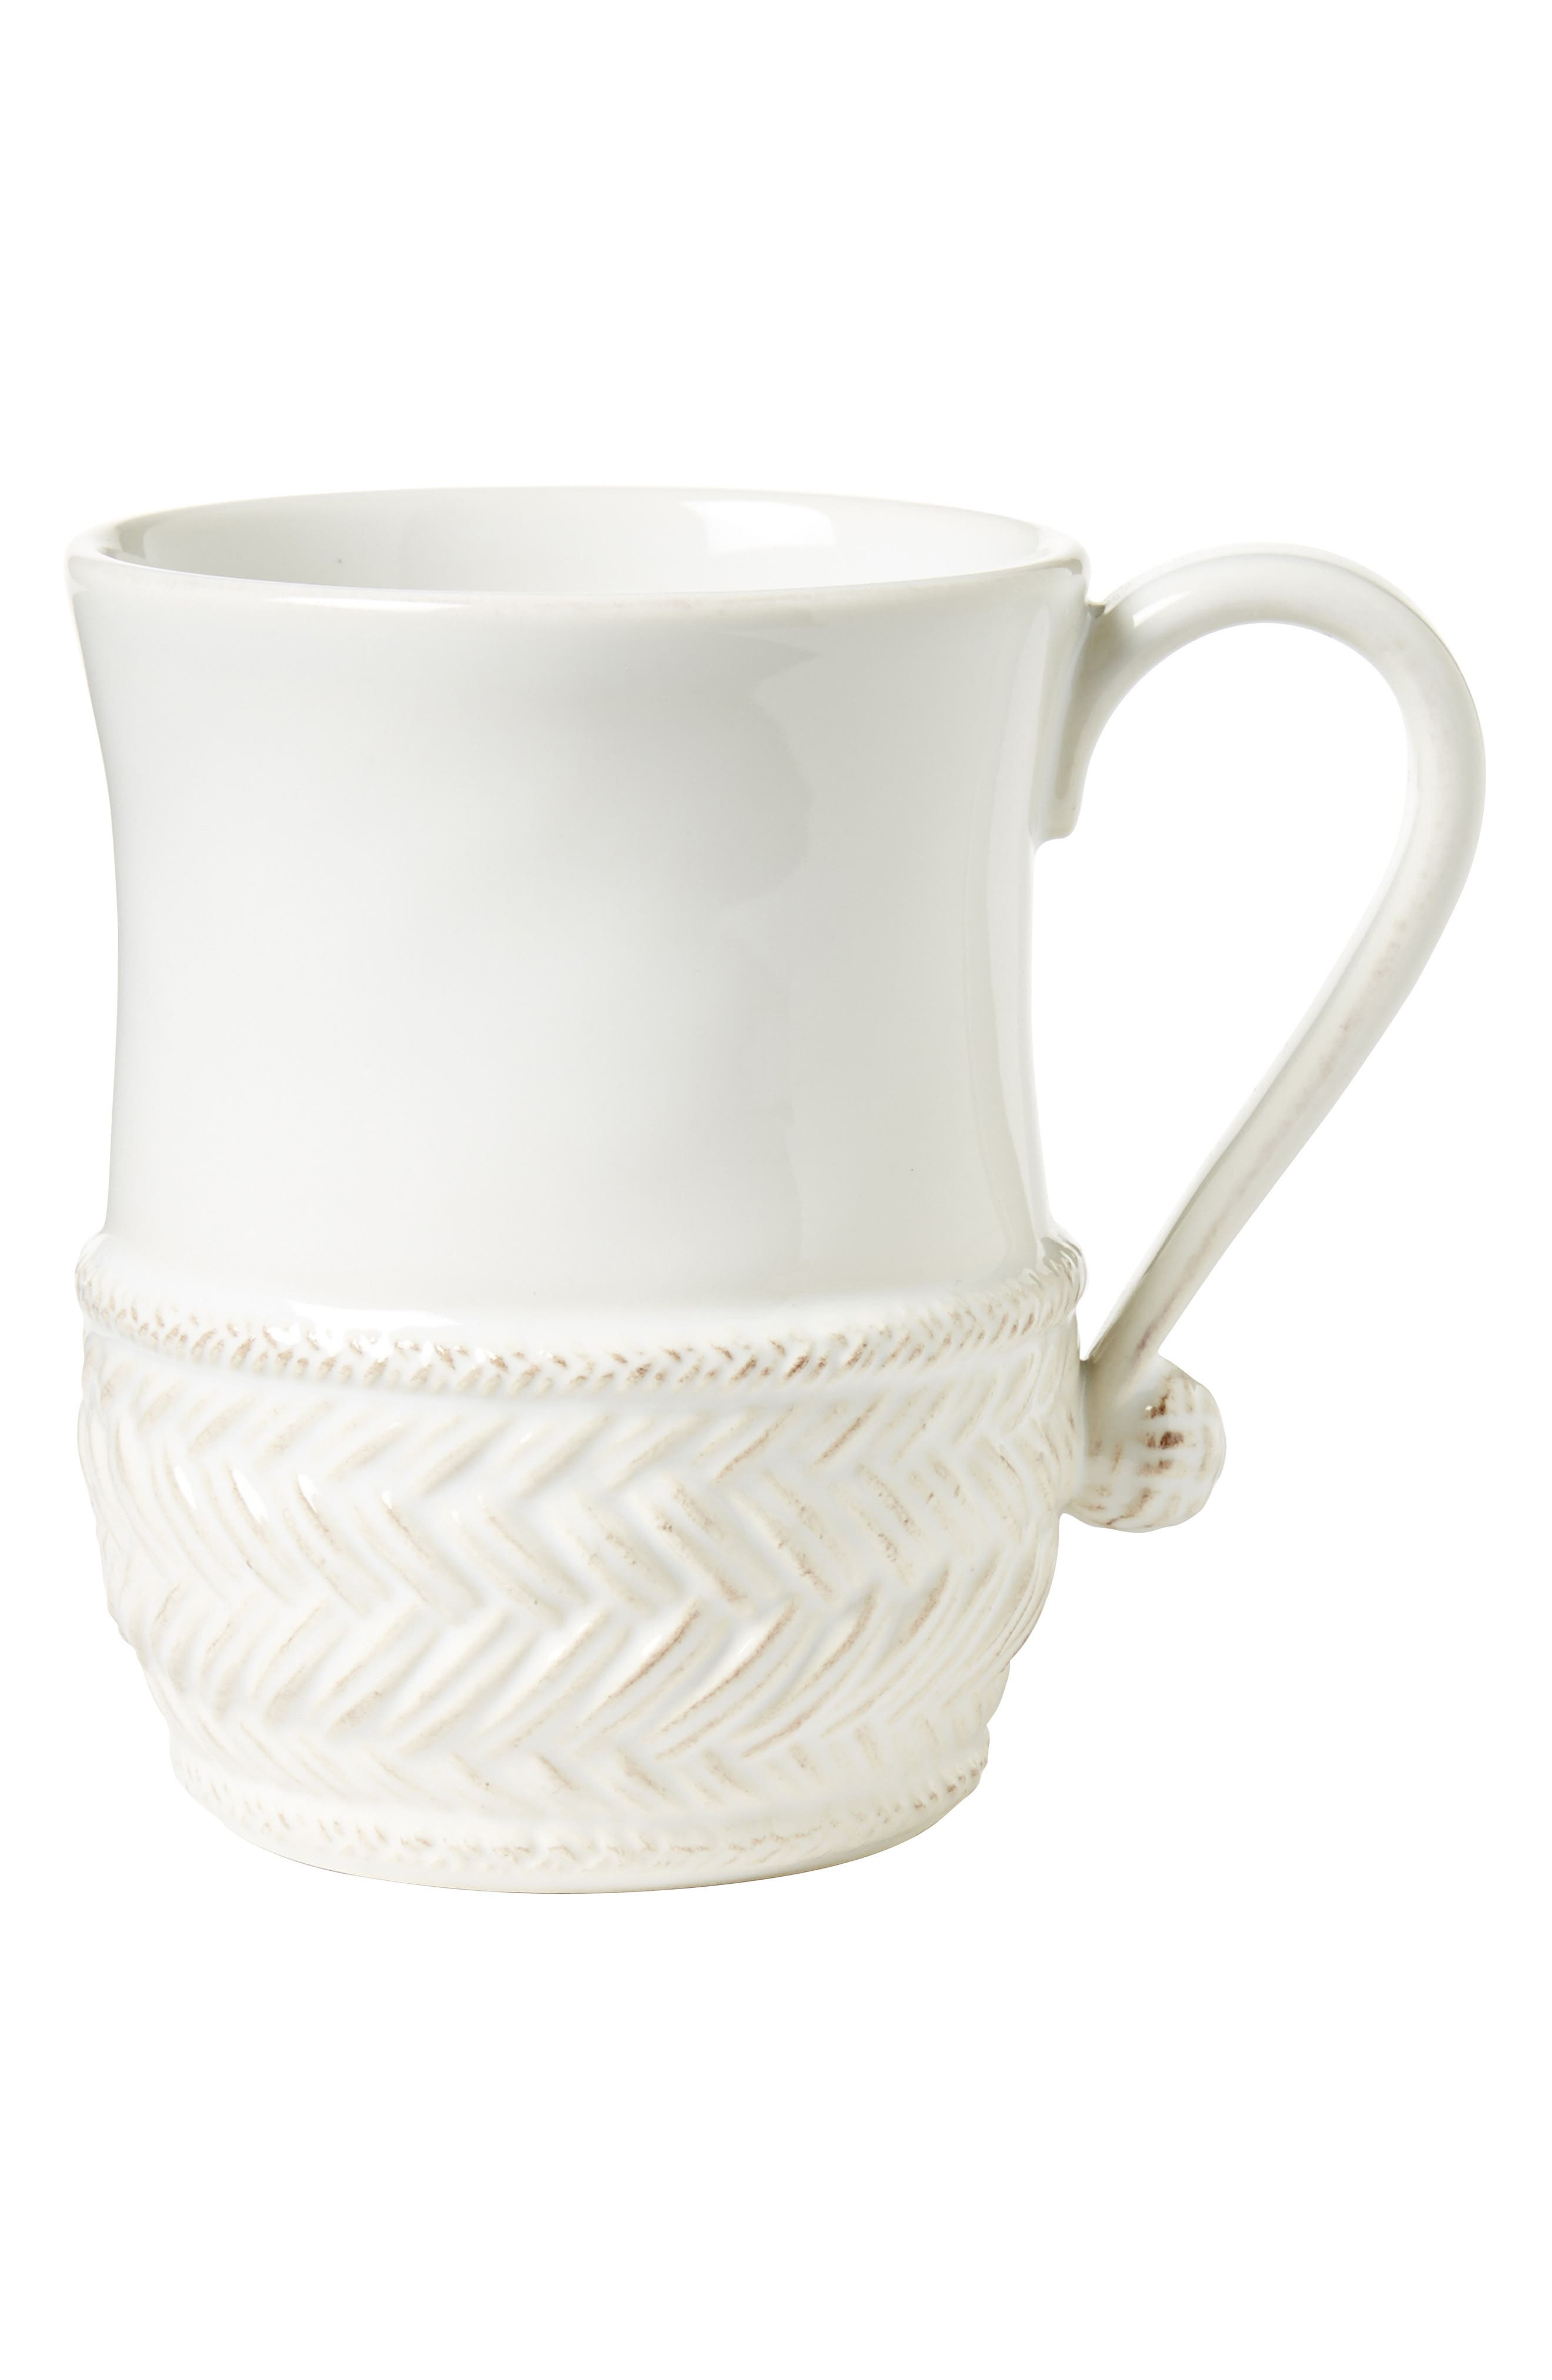 Le Panier Ceramic Mug,                             Main thumbnail 1, color,                             WHITEWASH